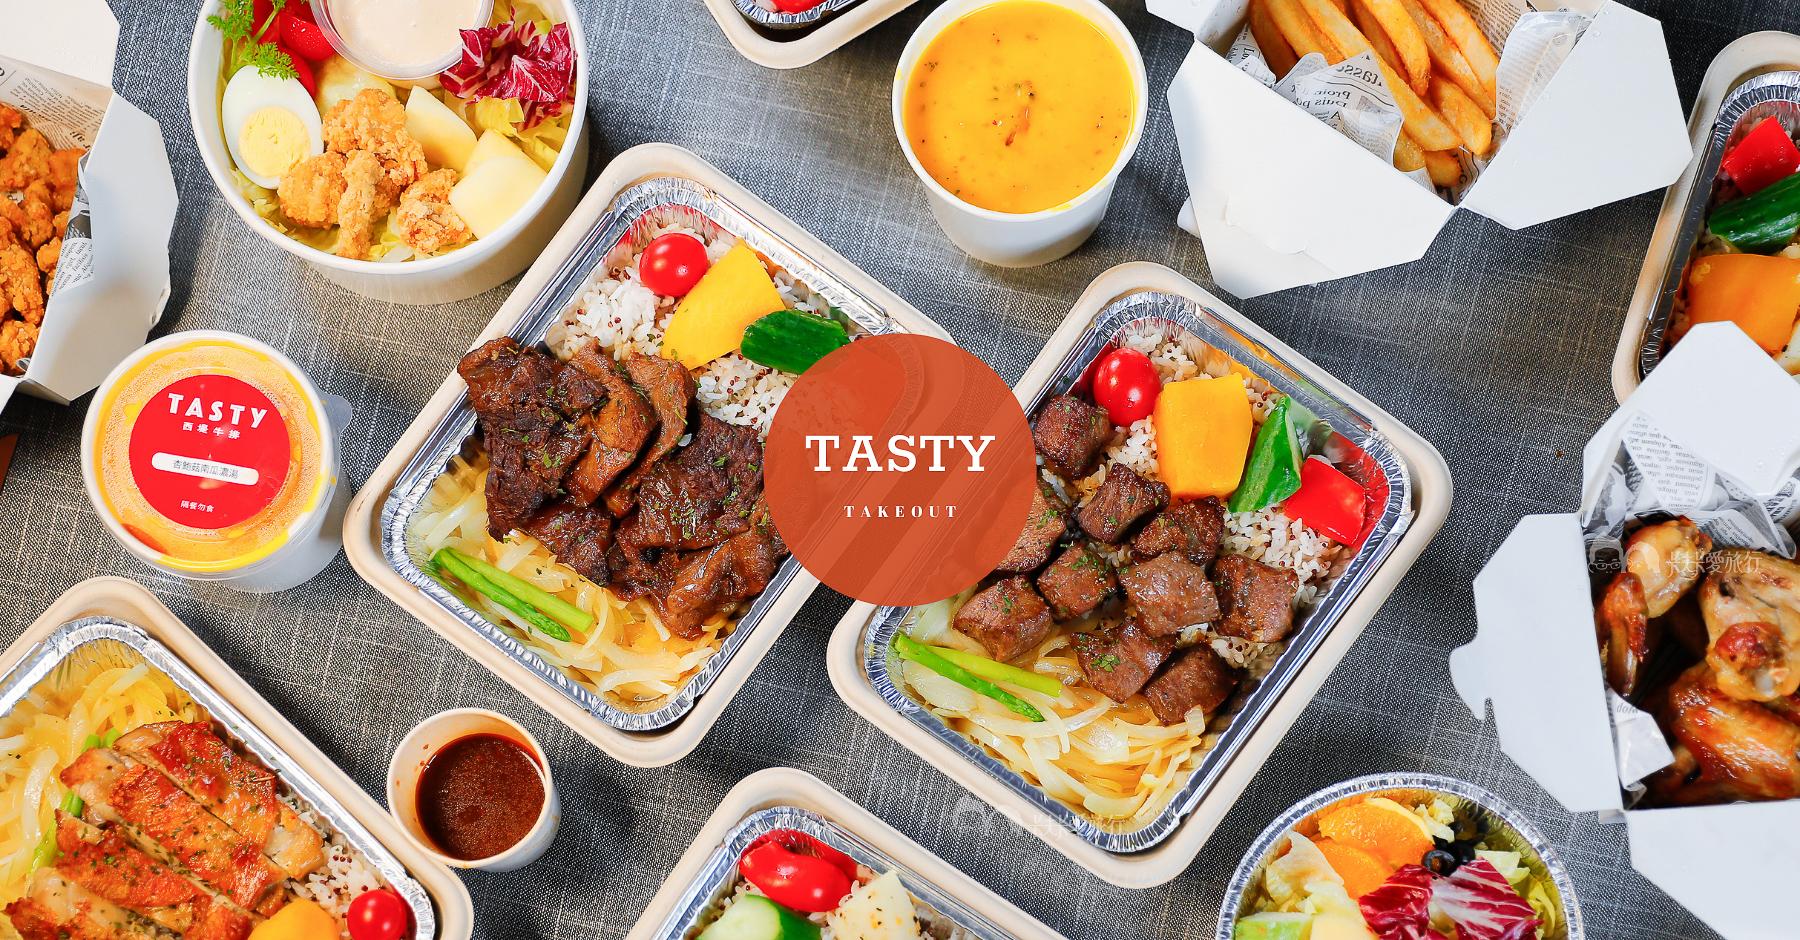 宜蘭外帶外送美食推薦|西堤牛排TASTY|輕鬆點菜單不用出門在家也能享受高檔牛排餐點